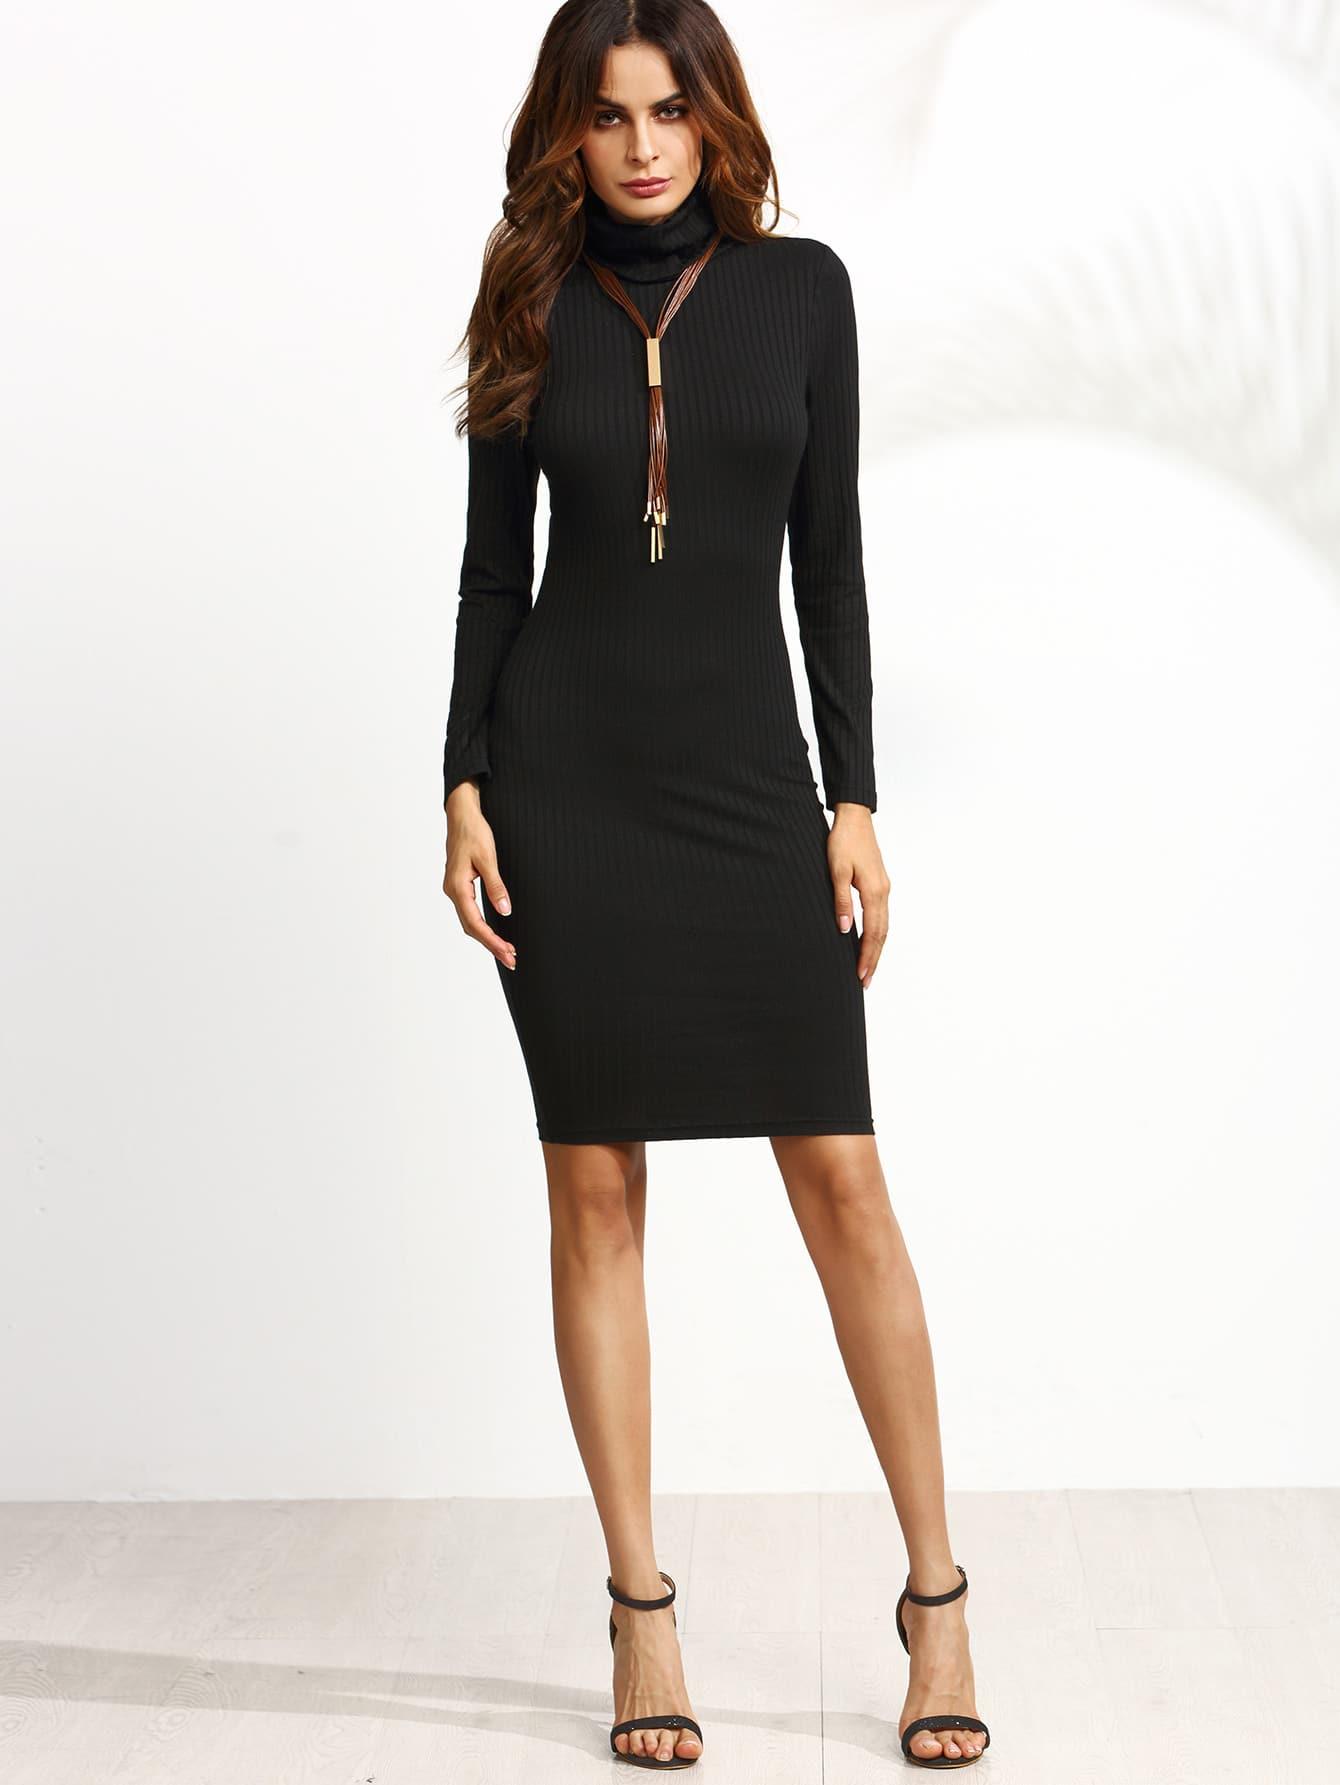 dress160818701_2